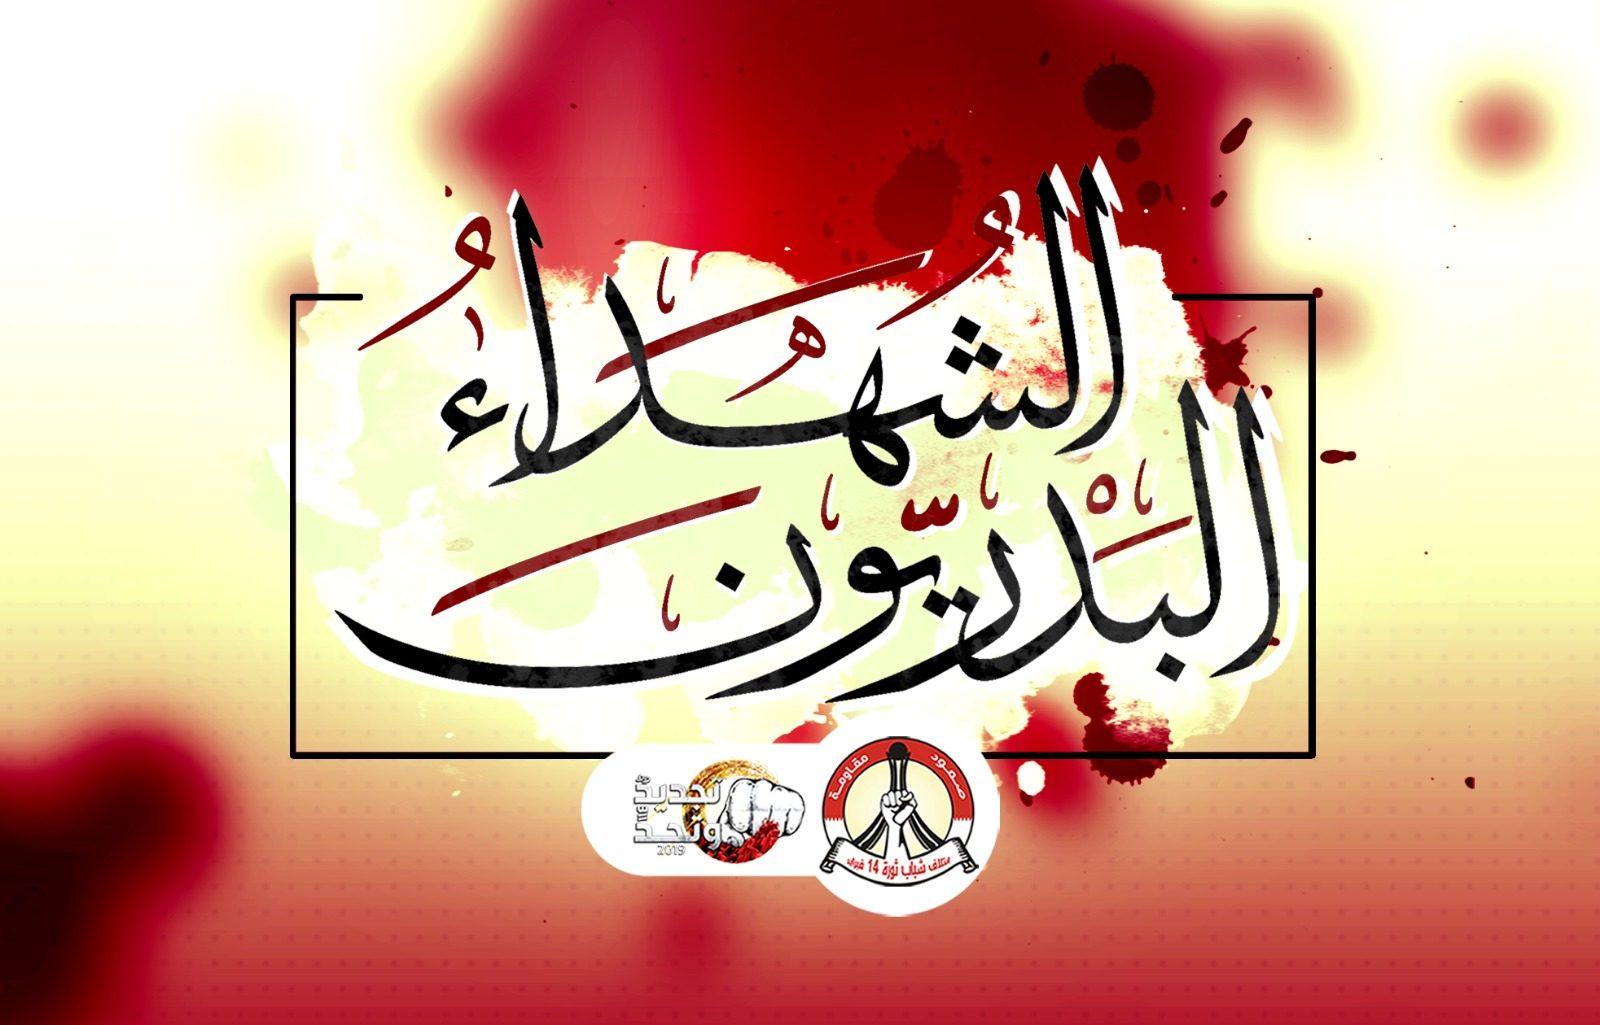 ائتلاف 14 فبراير ينعى الشهداء البدريّين في جزيرة تاروت ويدعو إلى حراك غاضب في البحرين والقطيف